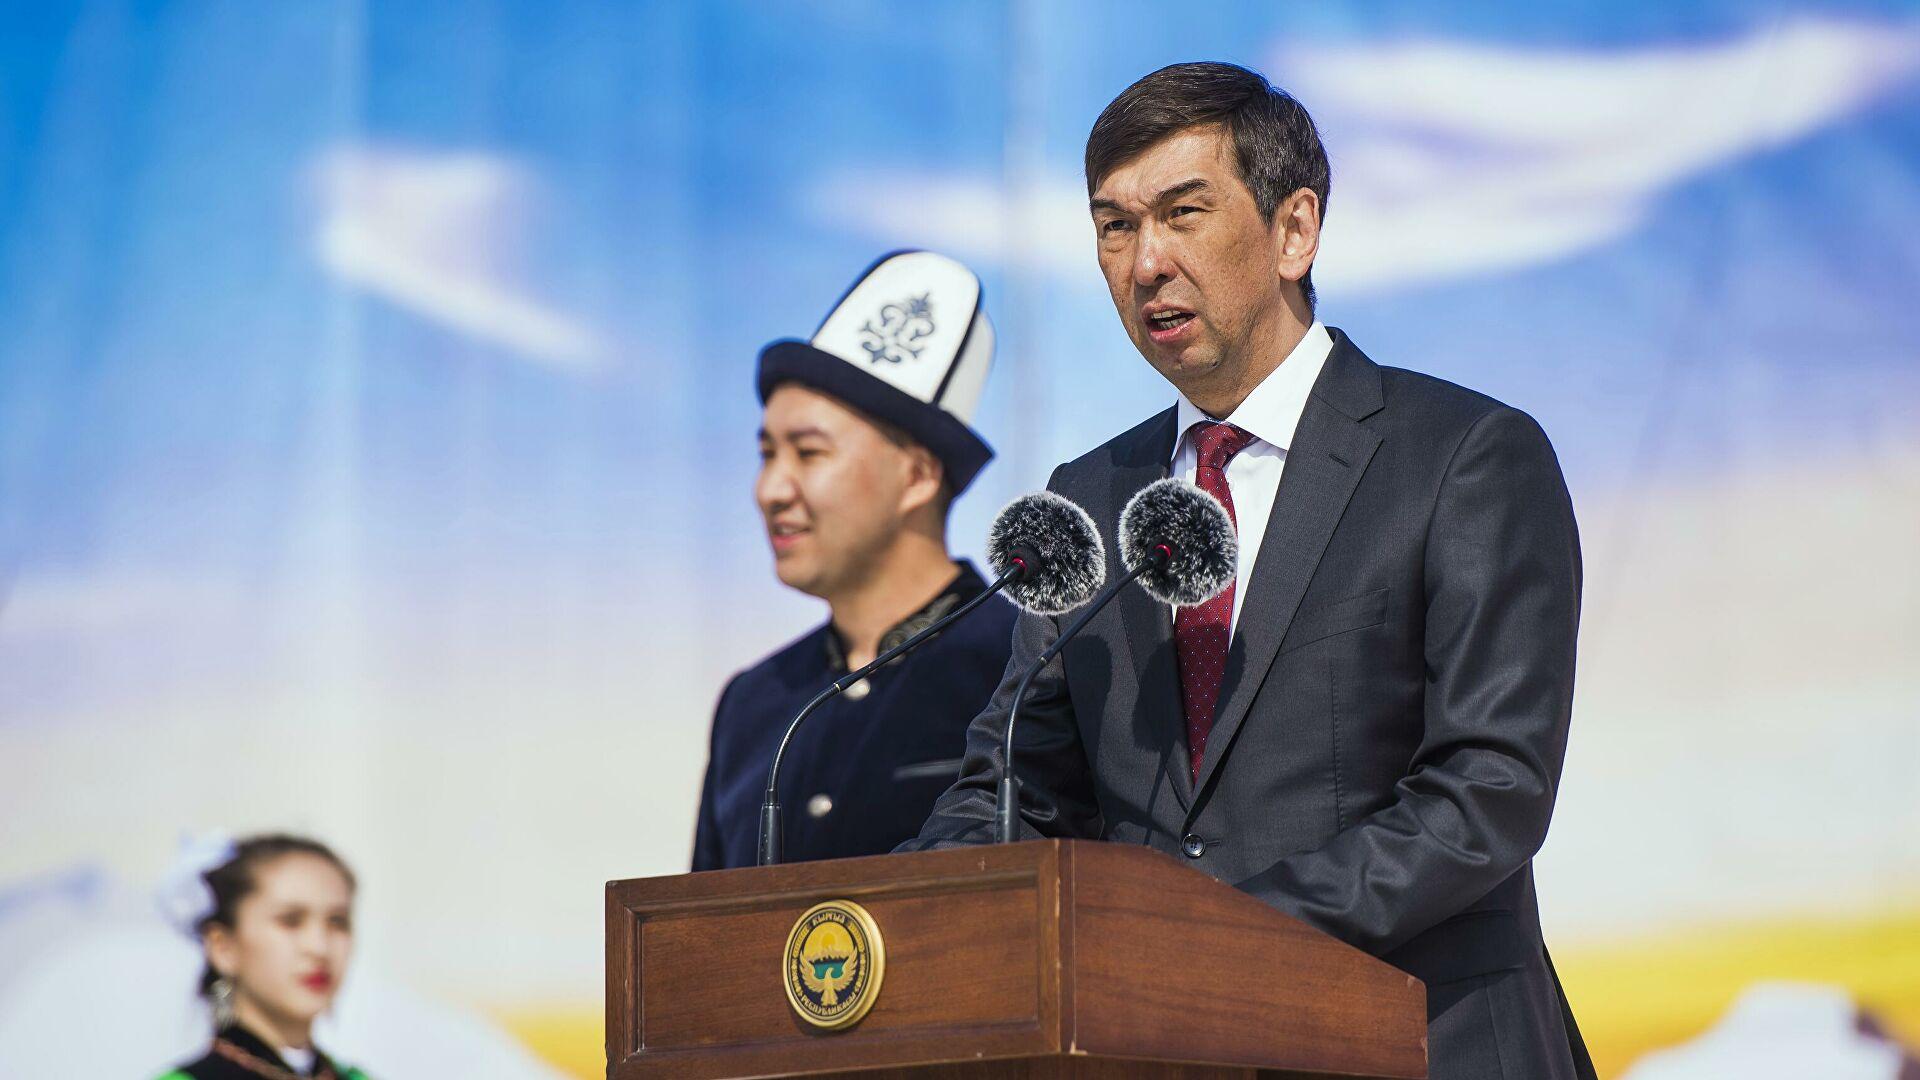 Экс-мэра Бишкека задержали по подозрению в коррупции